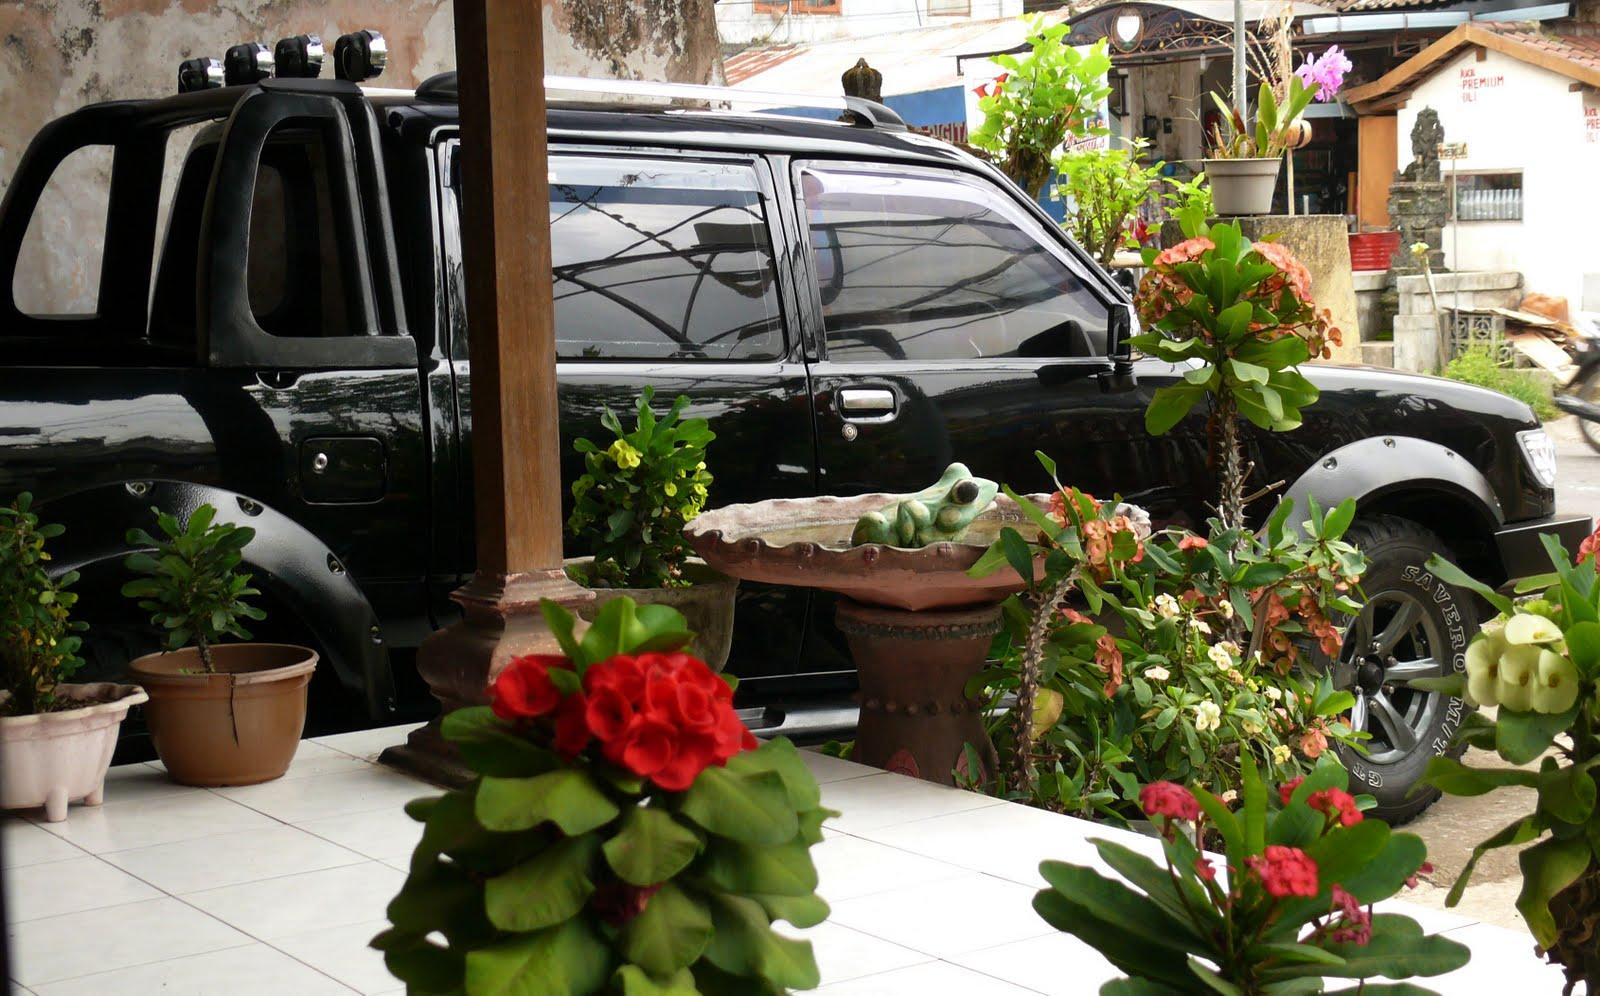 Mobil2ndduplikat: Pasang Iklan Mobil Bekas: Di Jual Luv